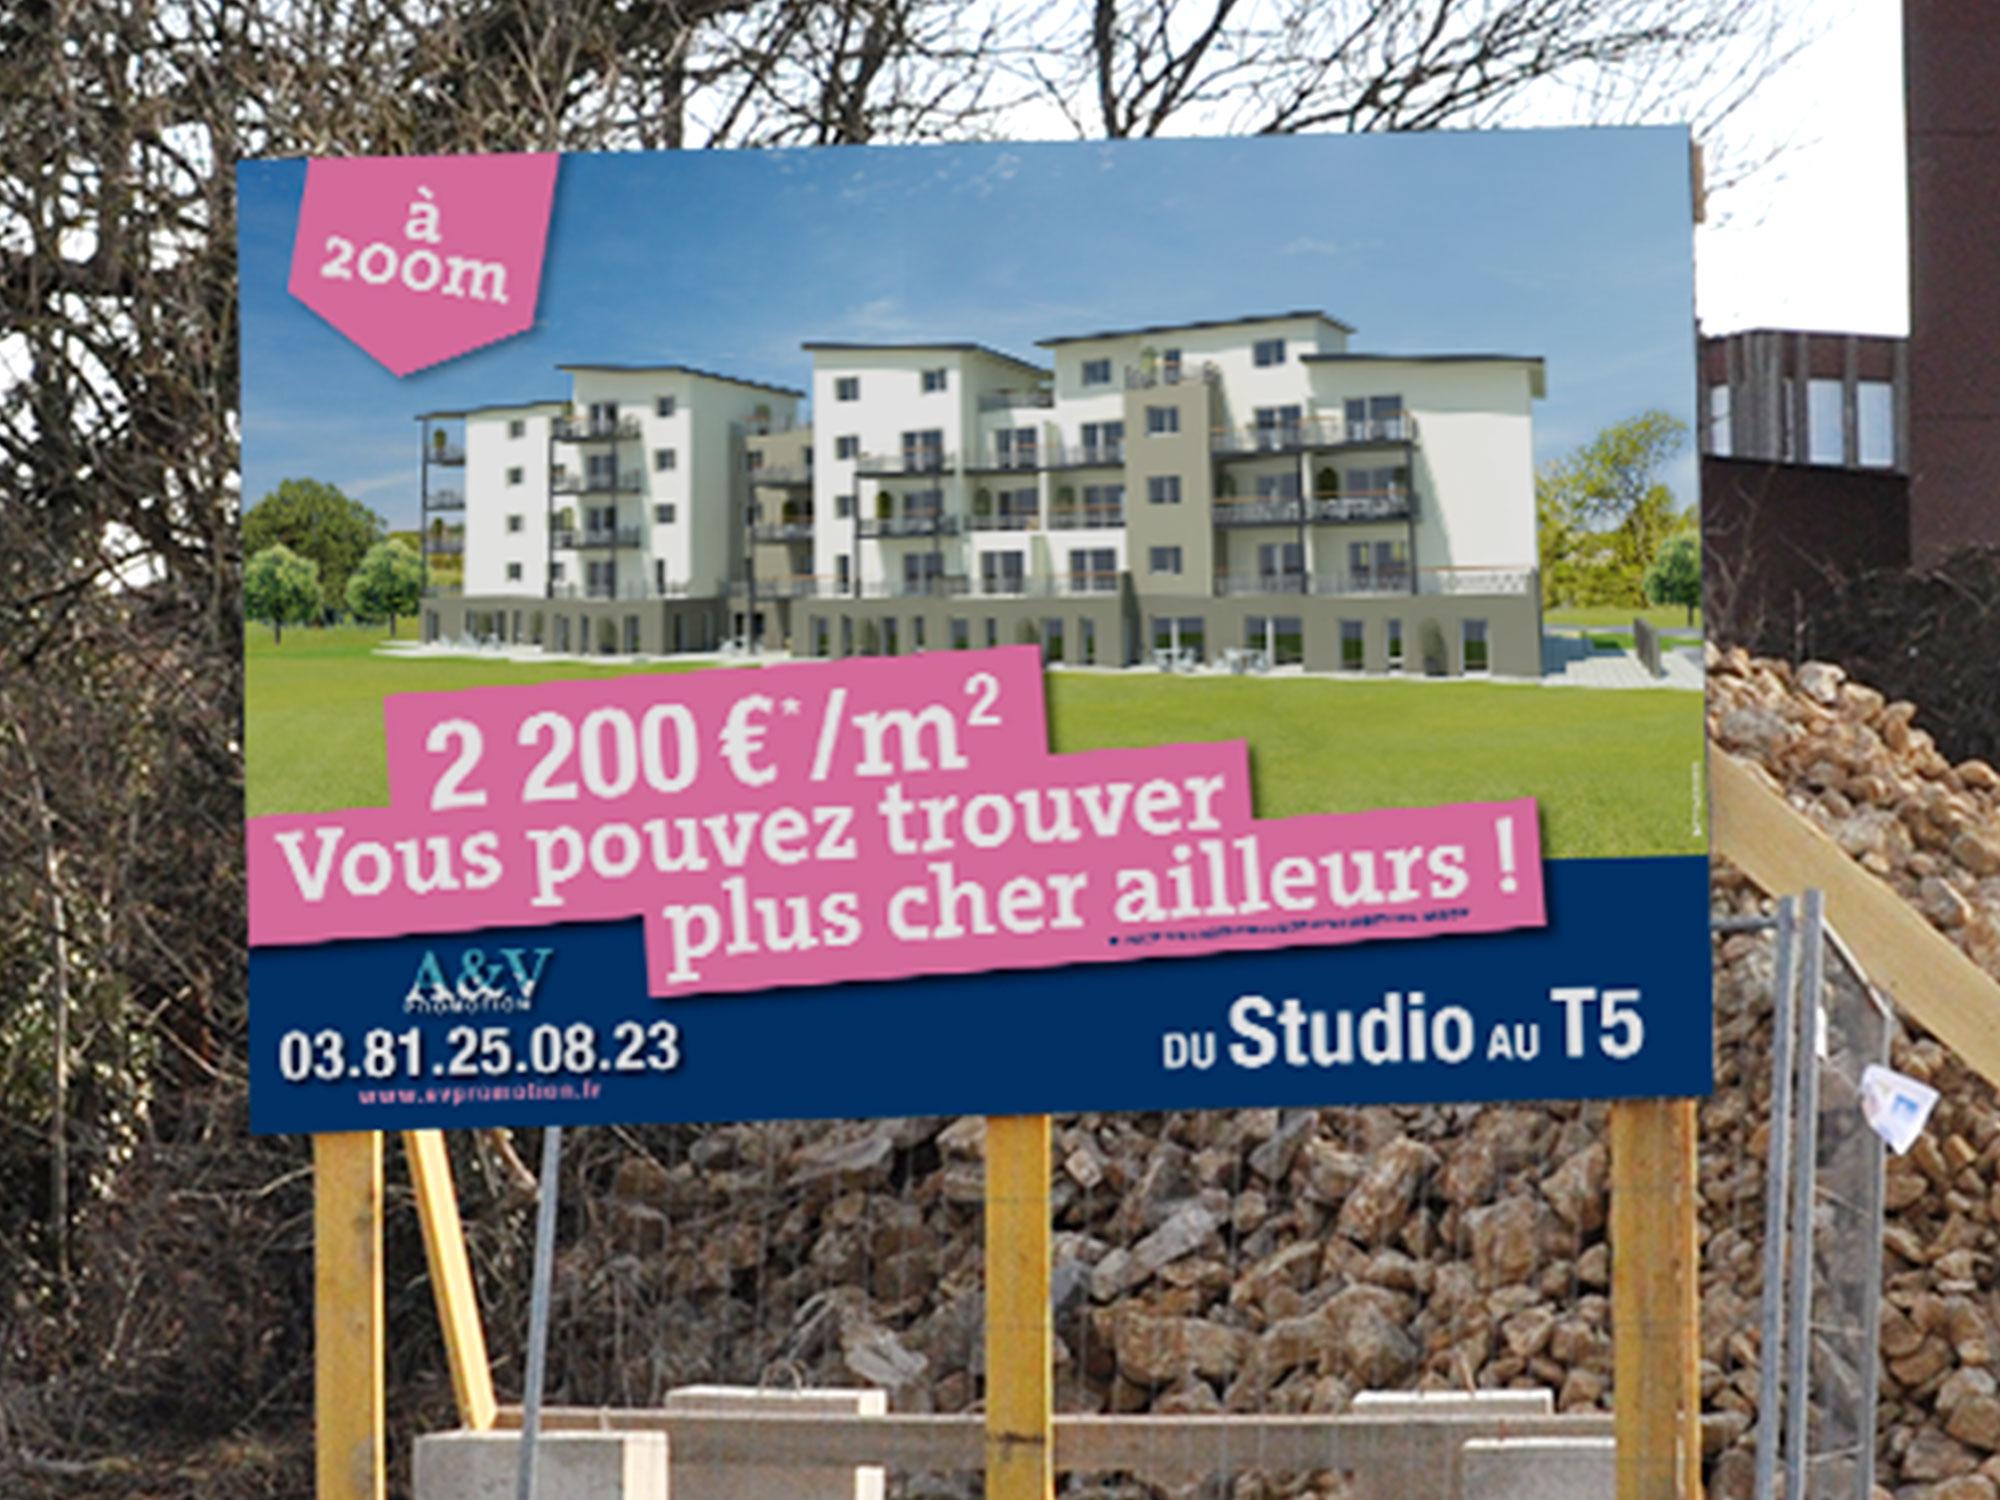 panneau publicitaire programme immobilier